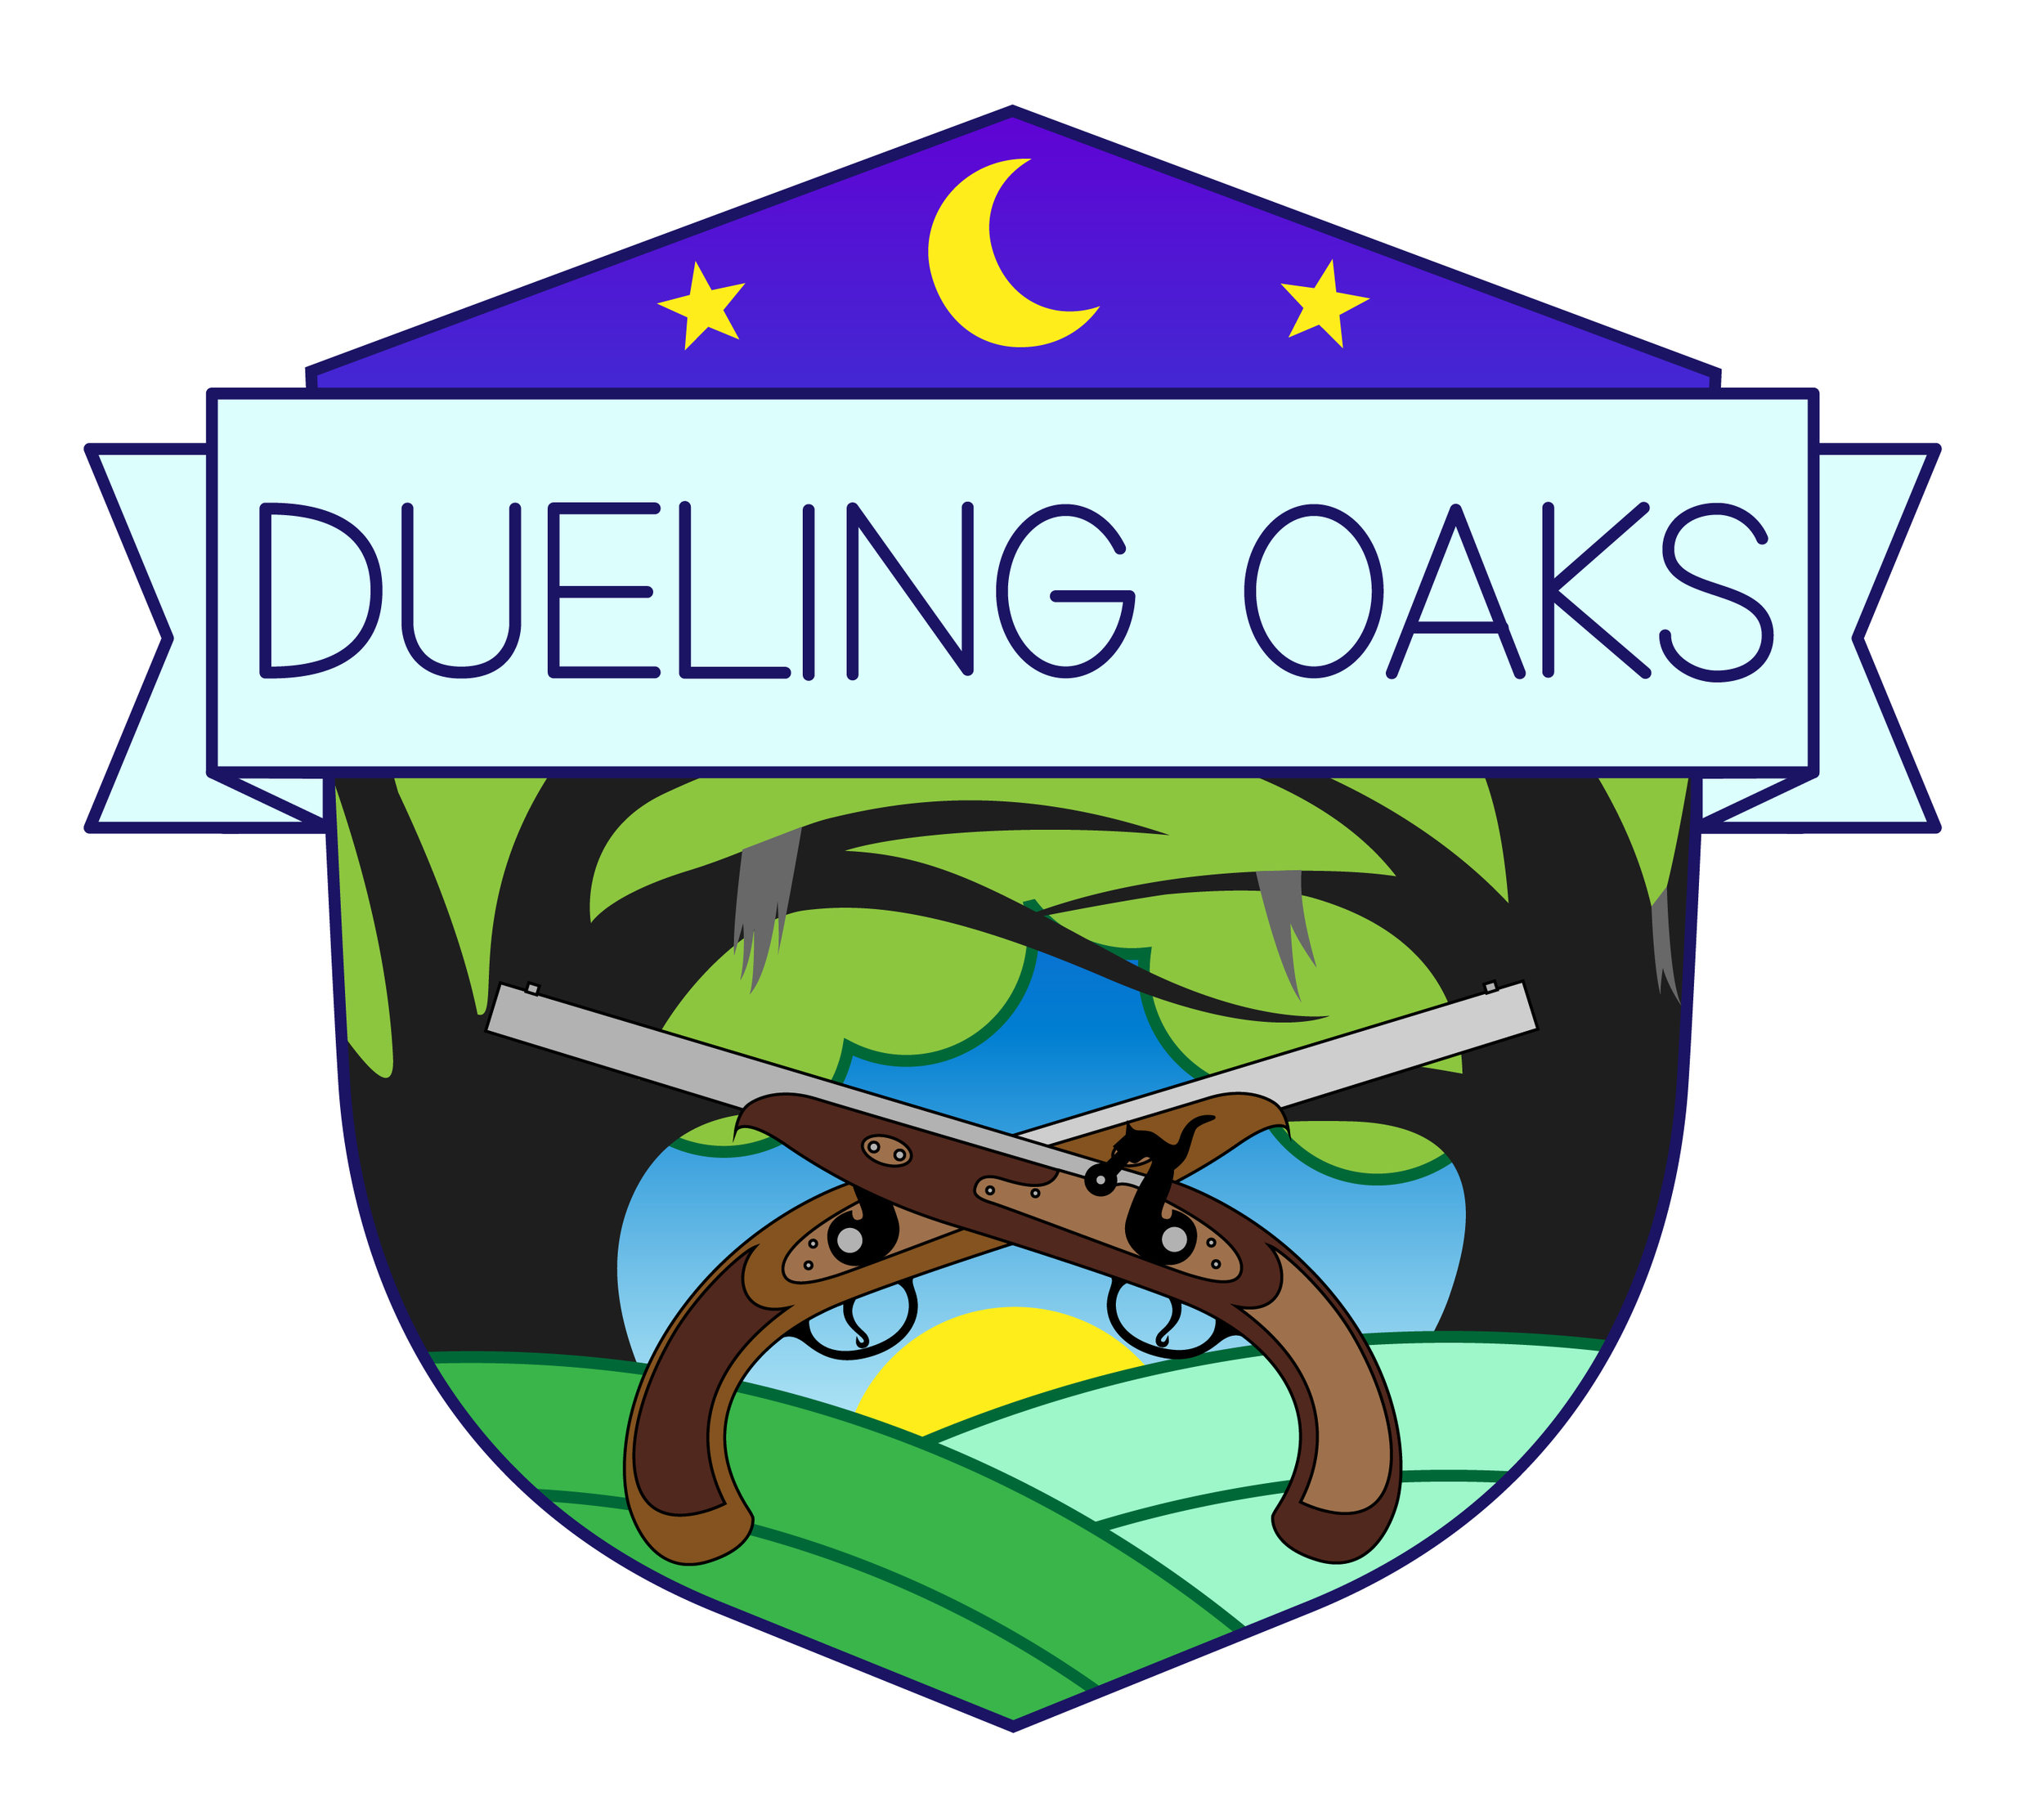 Dueling-oaks-geofilter-01.jpg